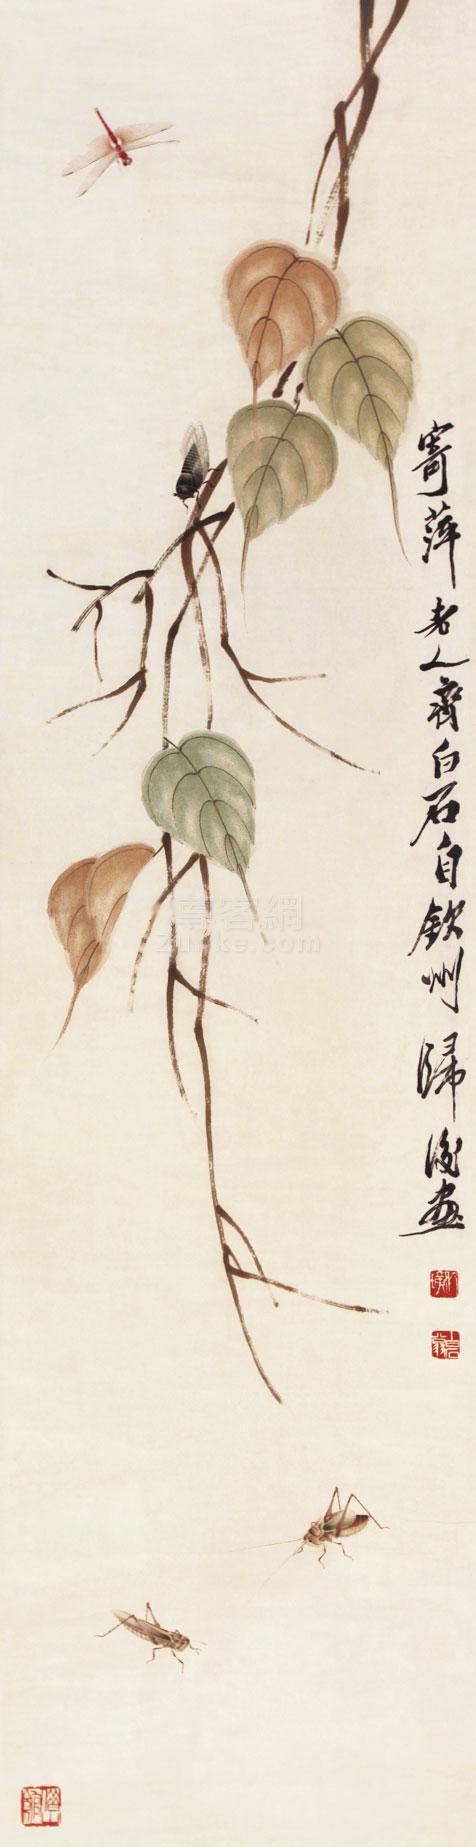 齐白石 贝叶草虫 立轴作品欣赏